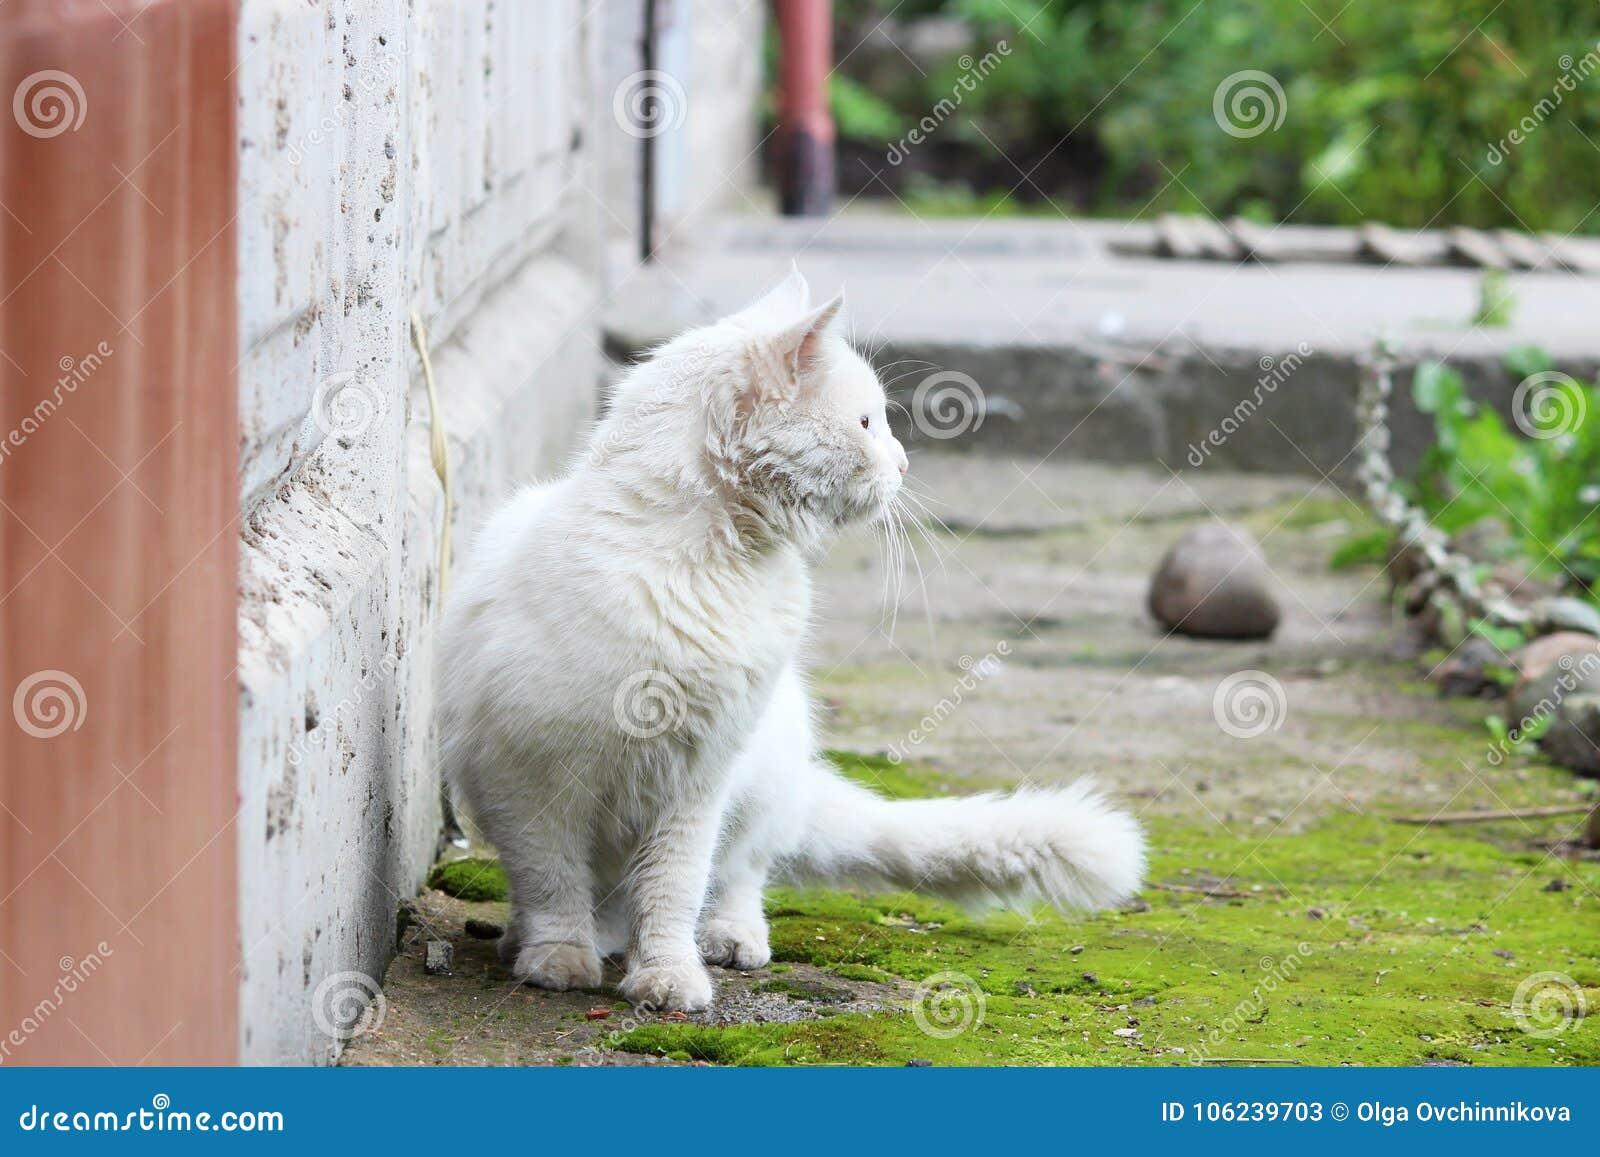 El solo gato sin hogar blanco con los ojos anaranjados está presentando al aire libre en un día soleado